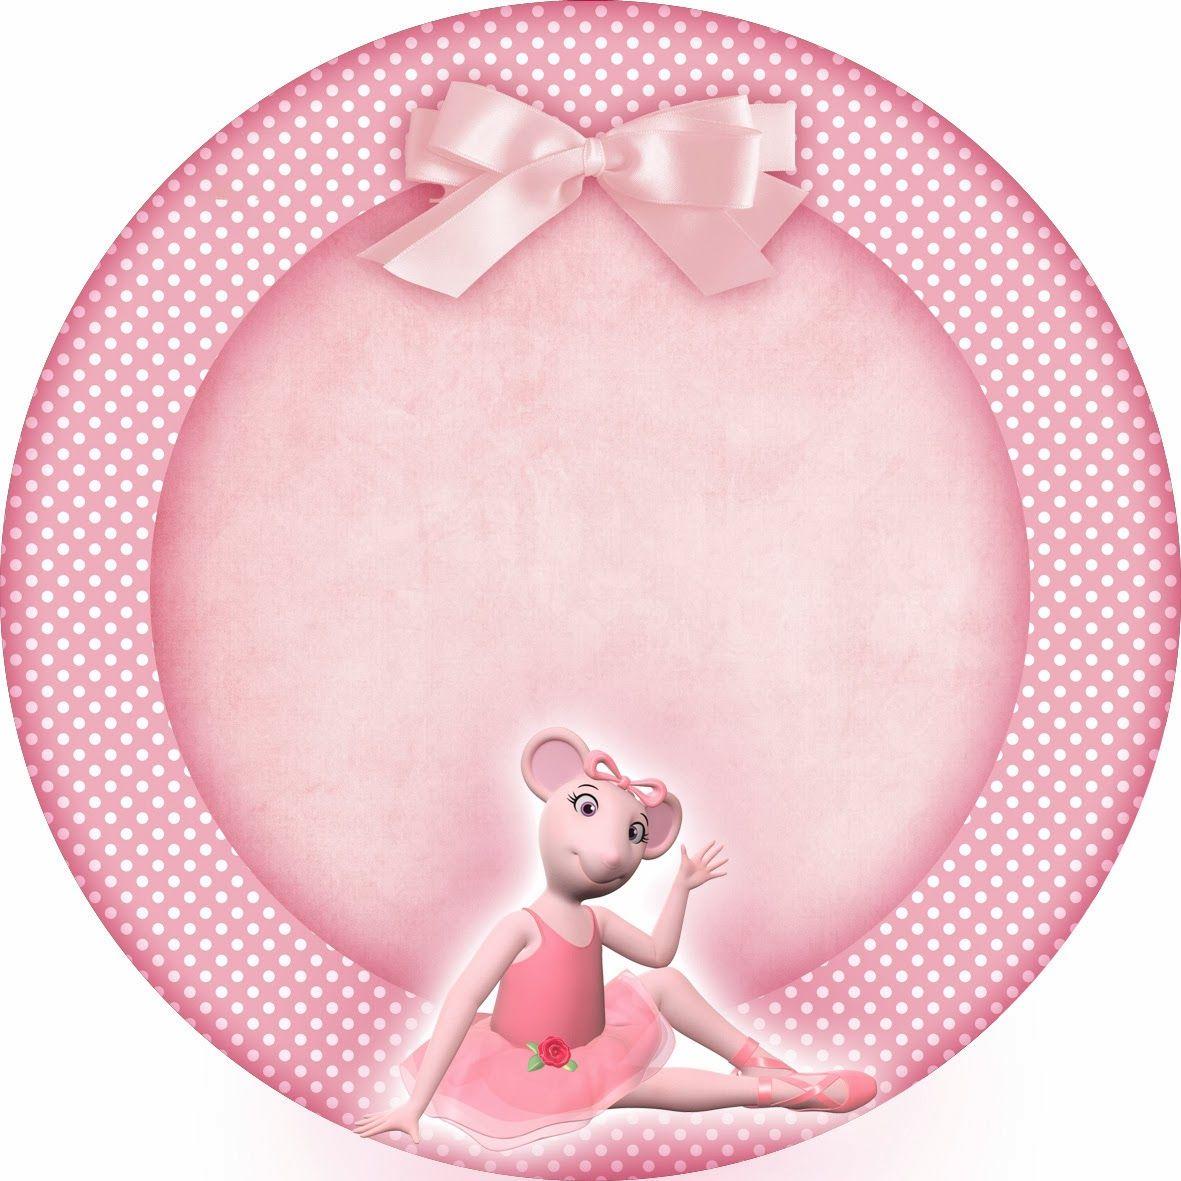 Montando minha festa: Etiquetas escolares - Angelina Ballerina ...